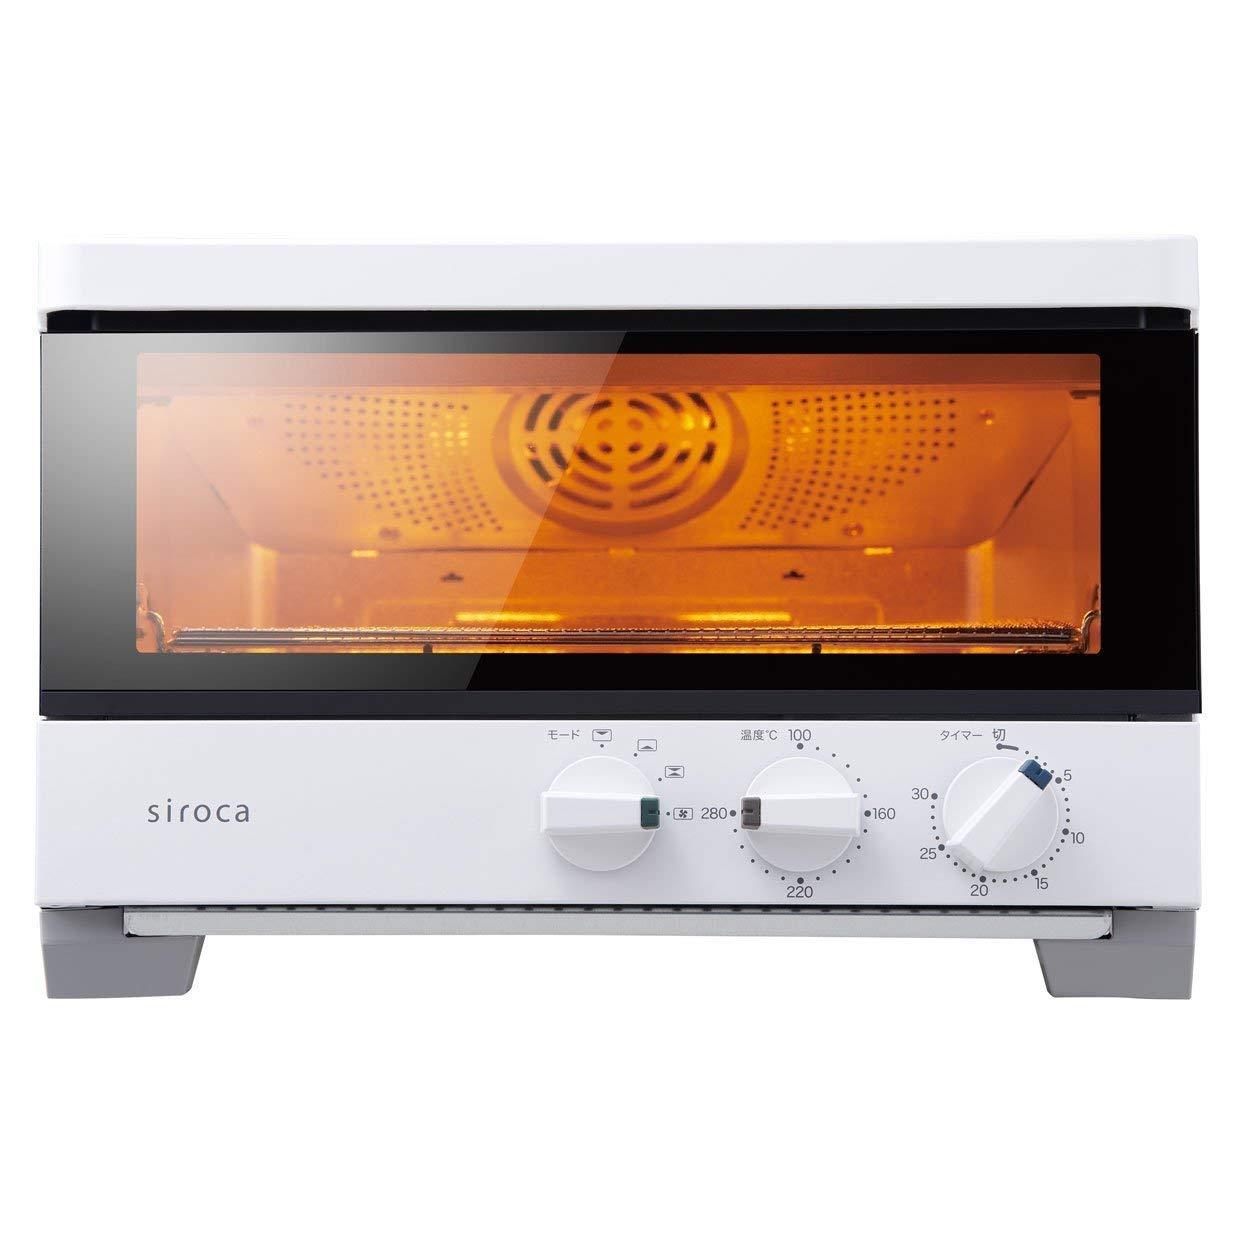 【シロカ】グラファイト&コンベクション トースター ホワイト【瞬間発熱グラファイトヒーター×熱風循環機能】